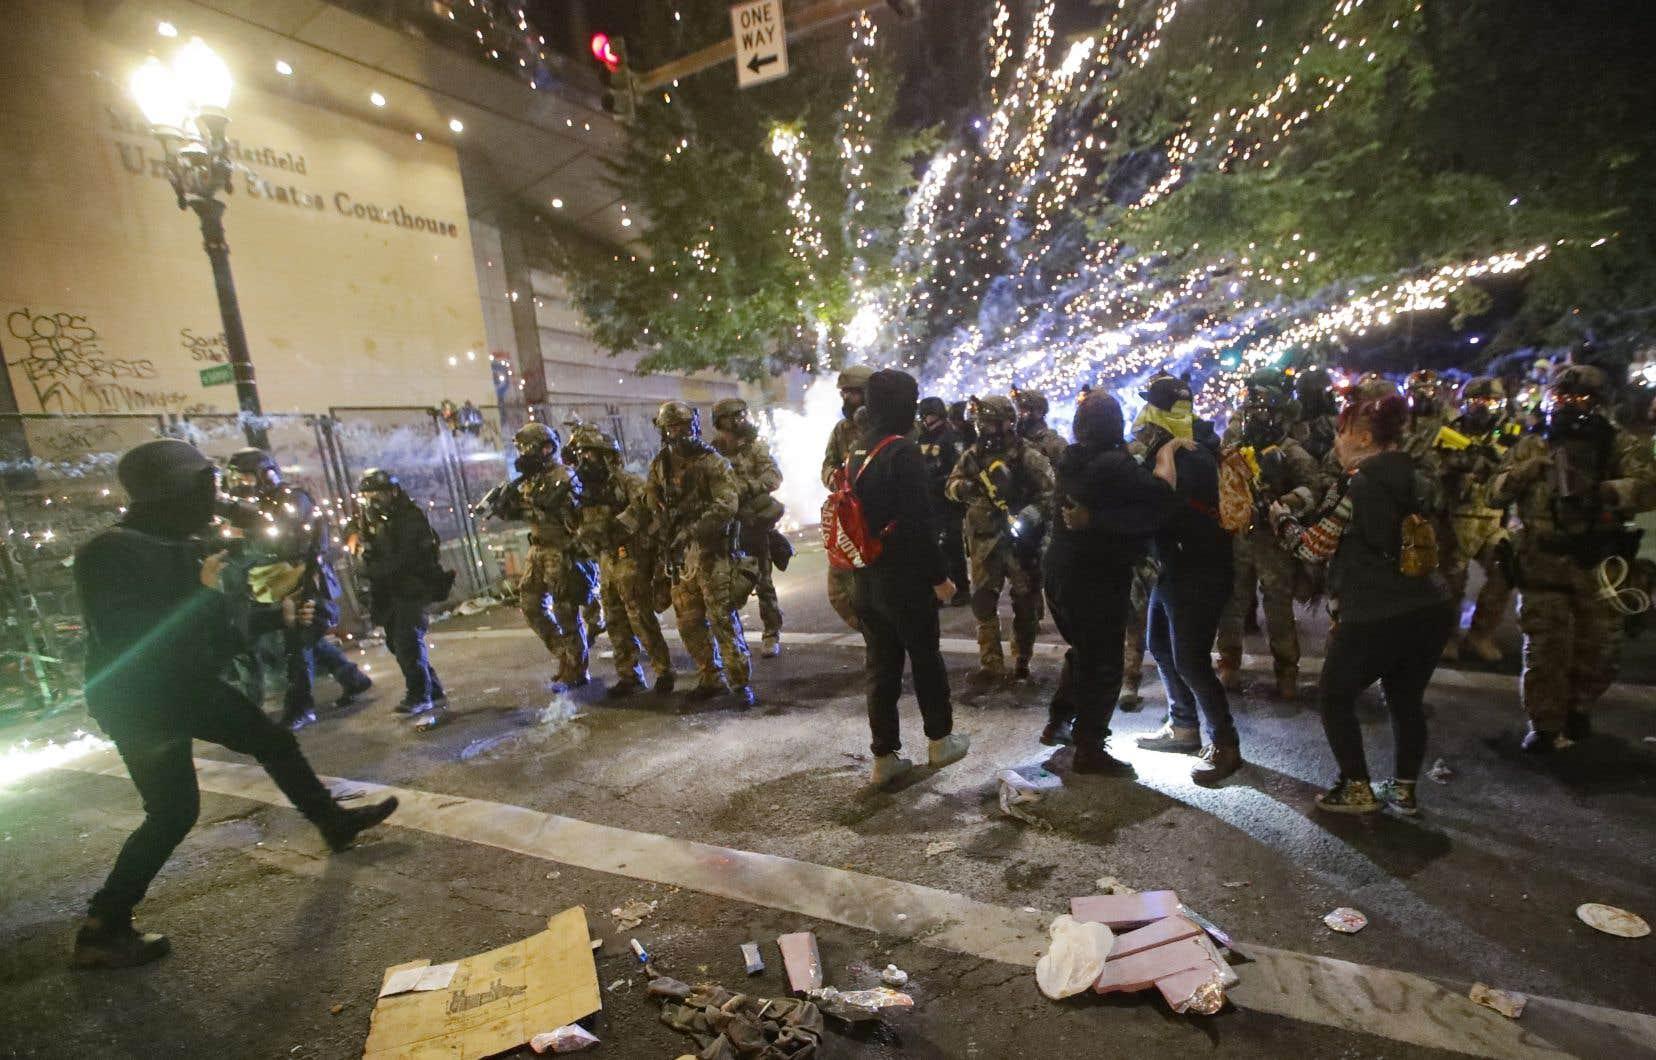 Des milliers de personnes ont manifesté devant le tribunal fédéral de Portland, en Oregon, dans la nuit de vendredi à samedi.